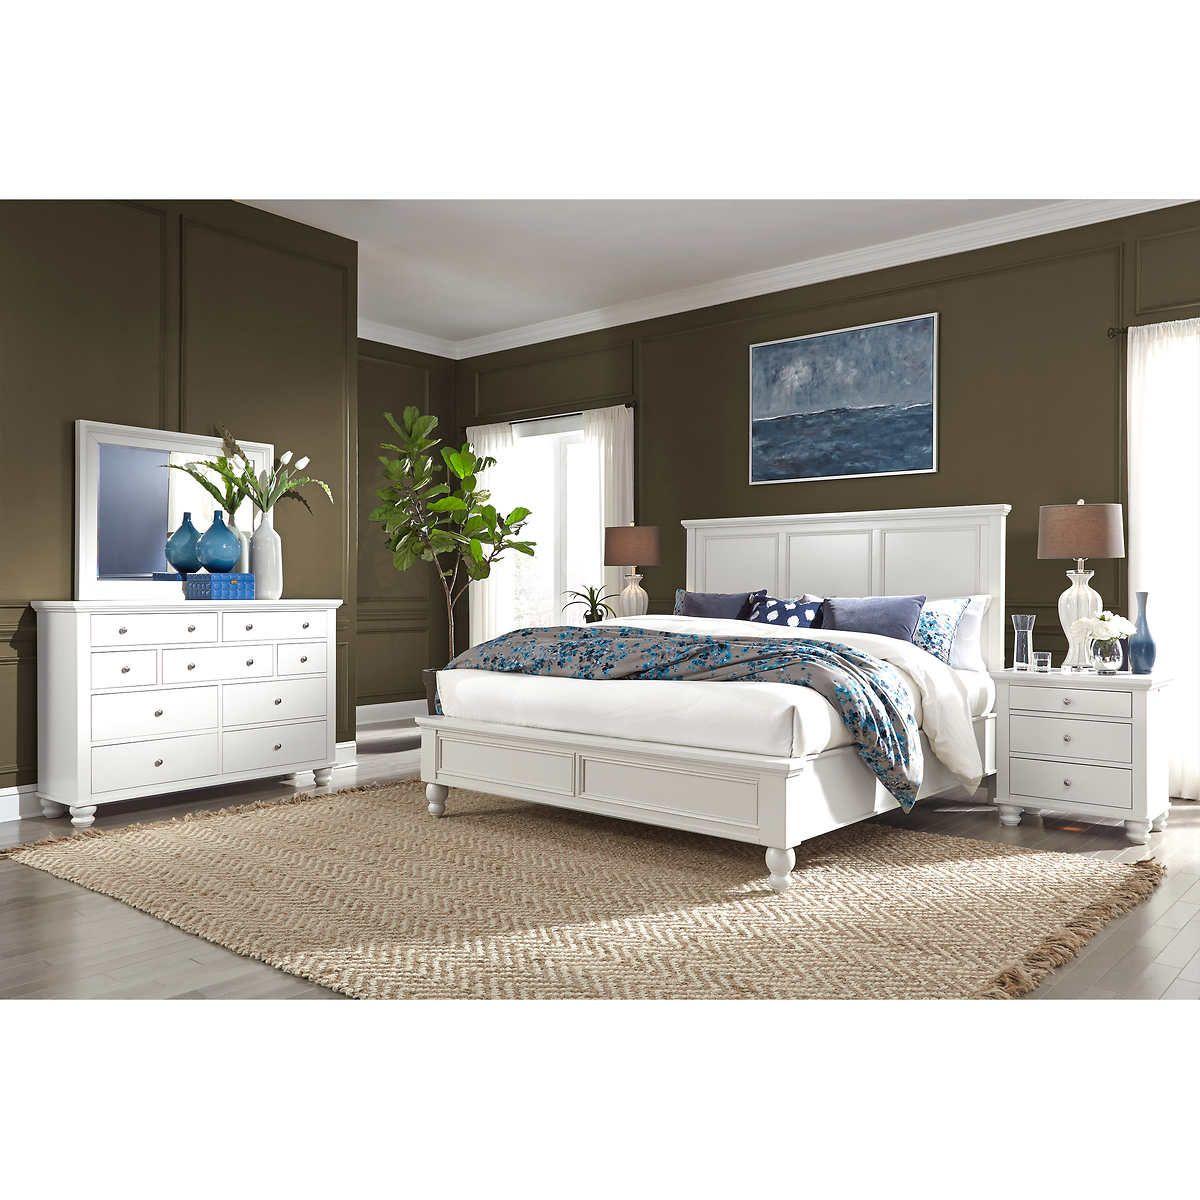 Baldwin Park 5piece Queen Bedroom Set Bedroom Bliss in